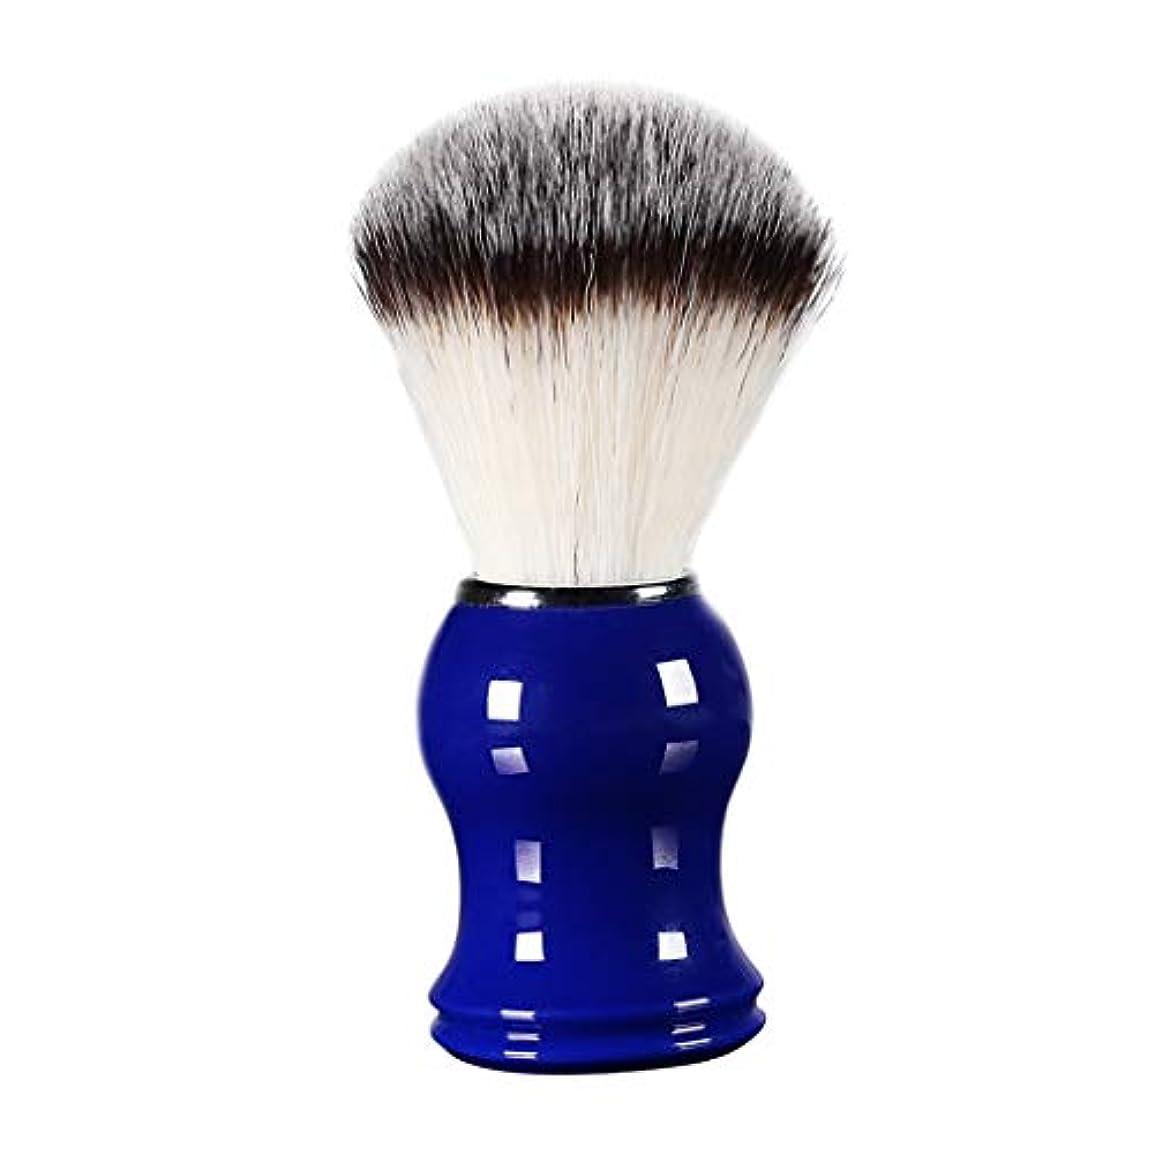 泥だらけ排気パラナ川床屋 サロン 髭剃り シェービングブラシ メンズ 泡立ち 洗顔 理容 約11cm